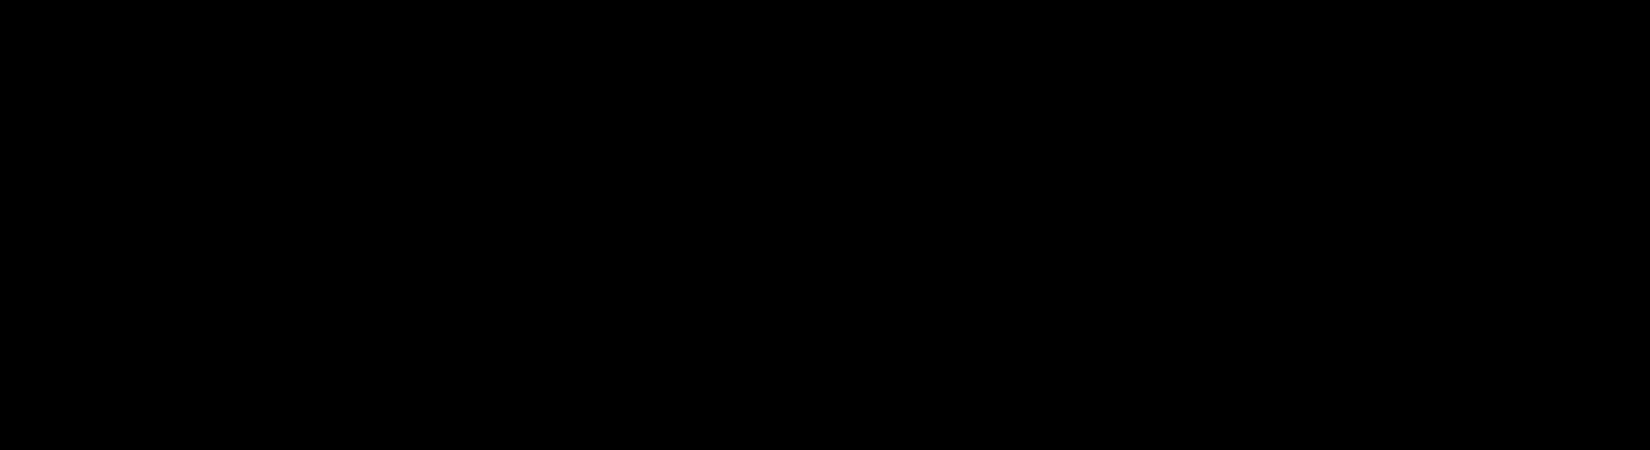 CXA_1